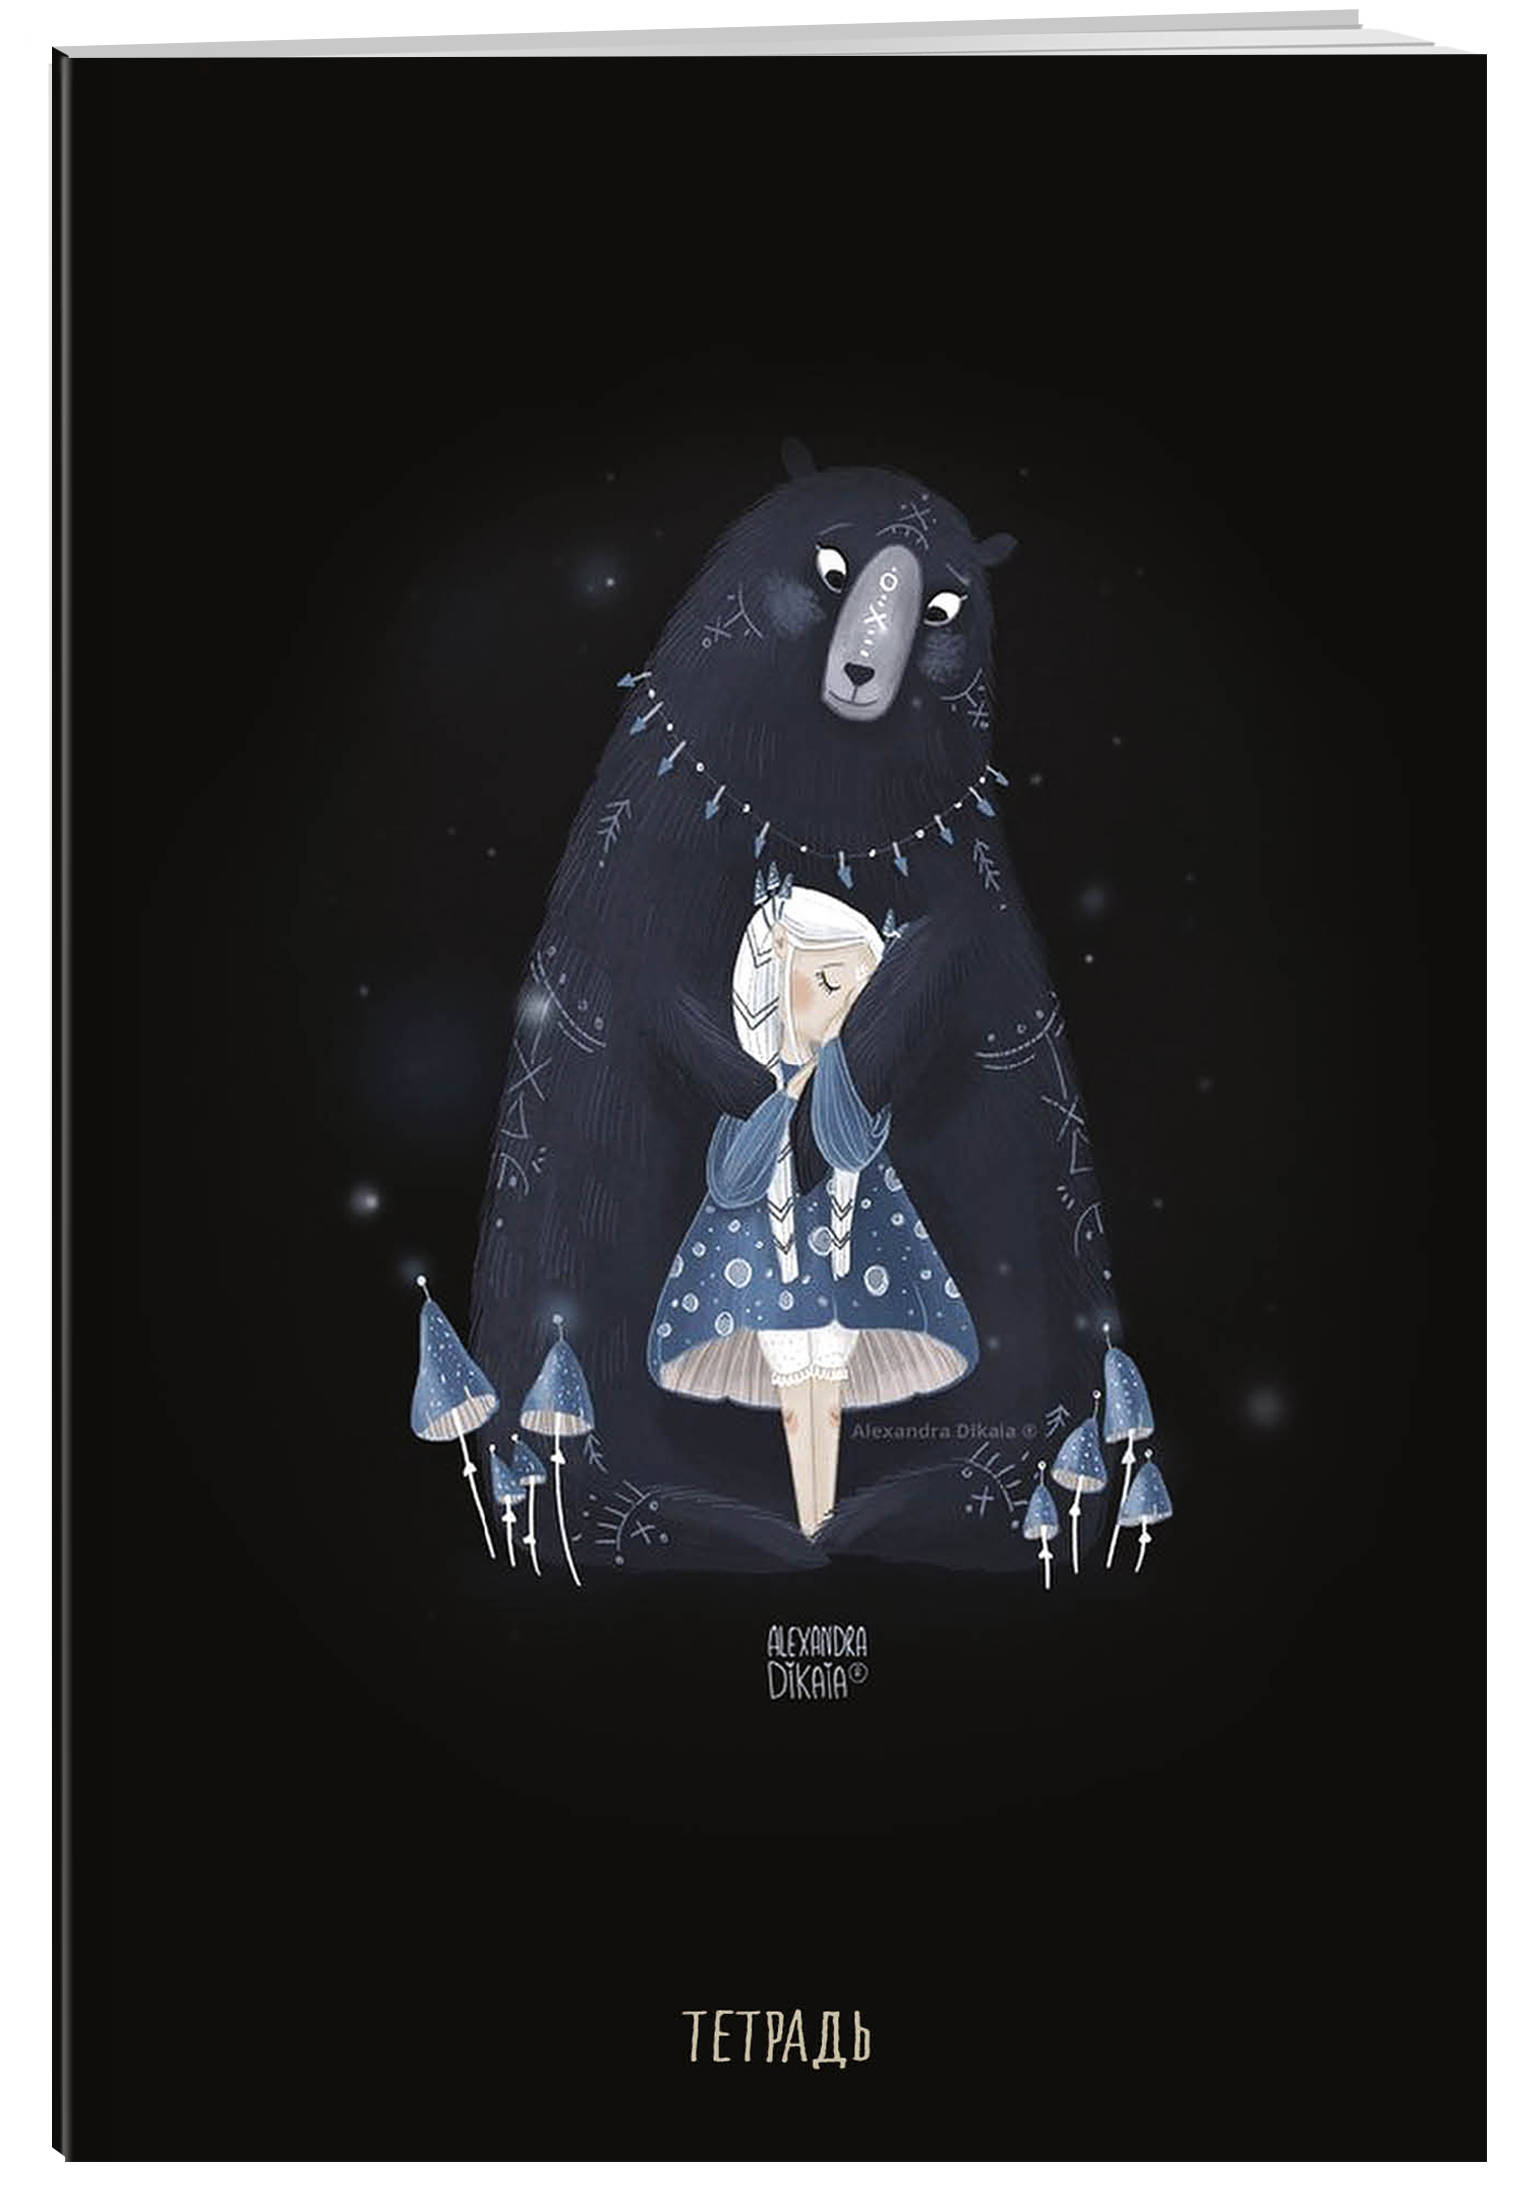 Тетрадь с иллюстрациями А. Дикой. Мишка. А5, 48 листов, клетка